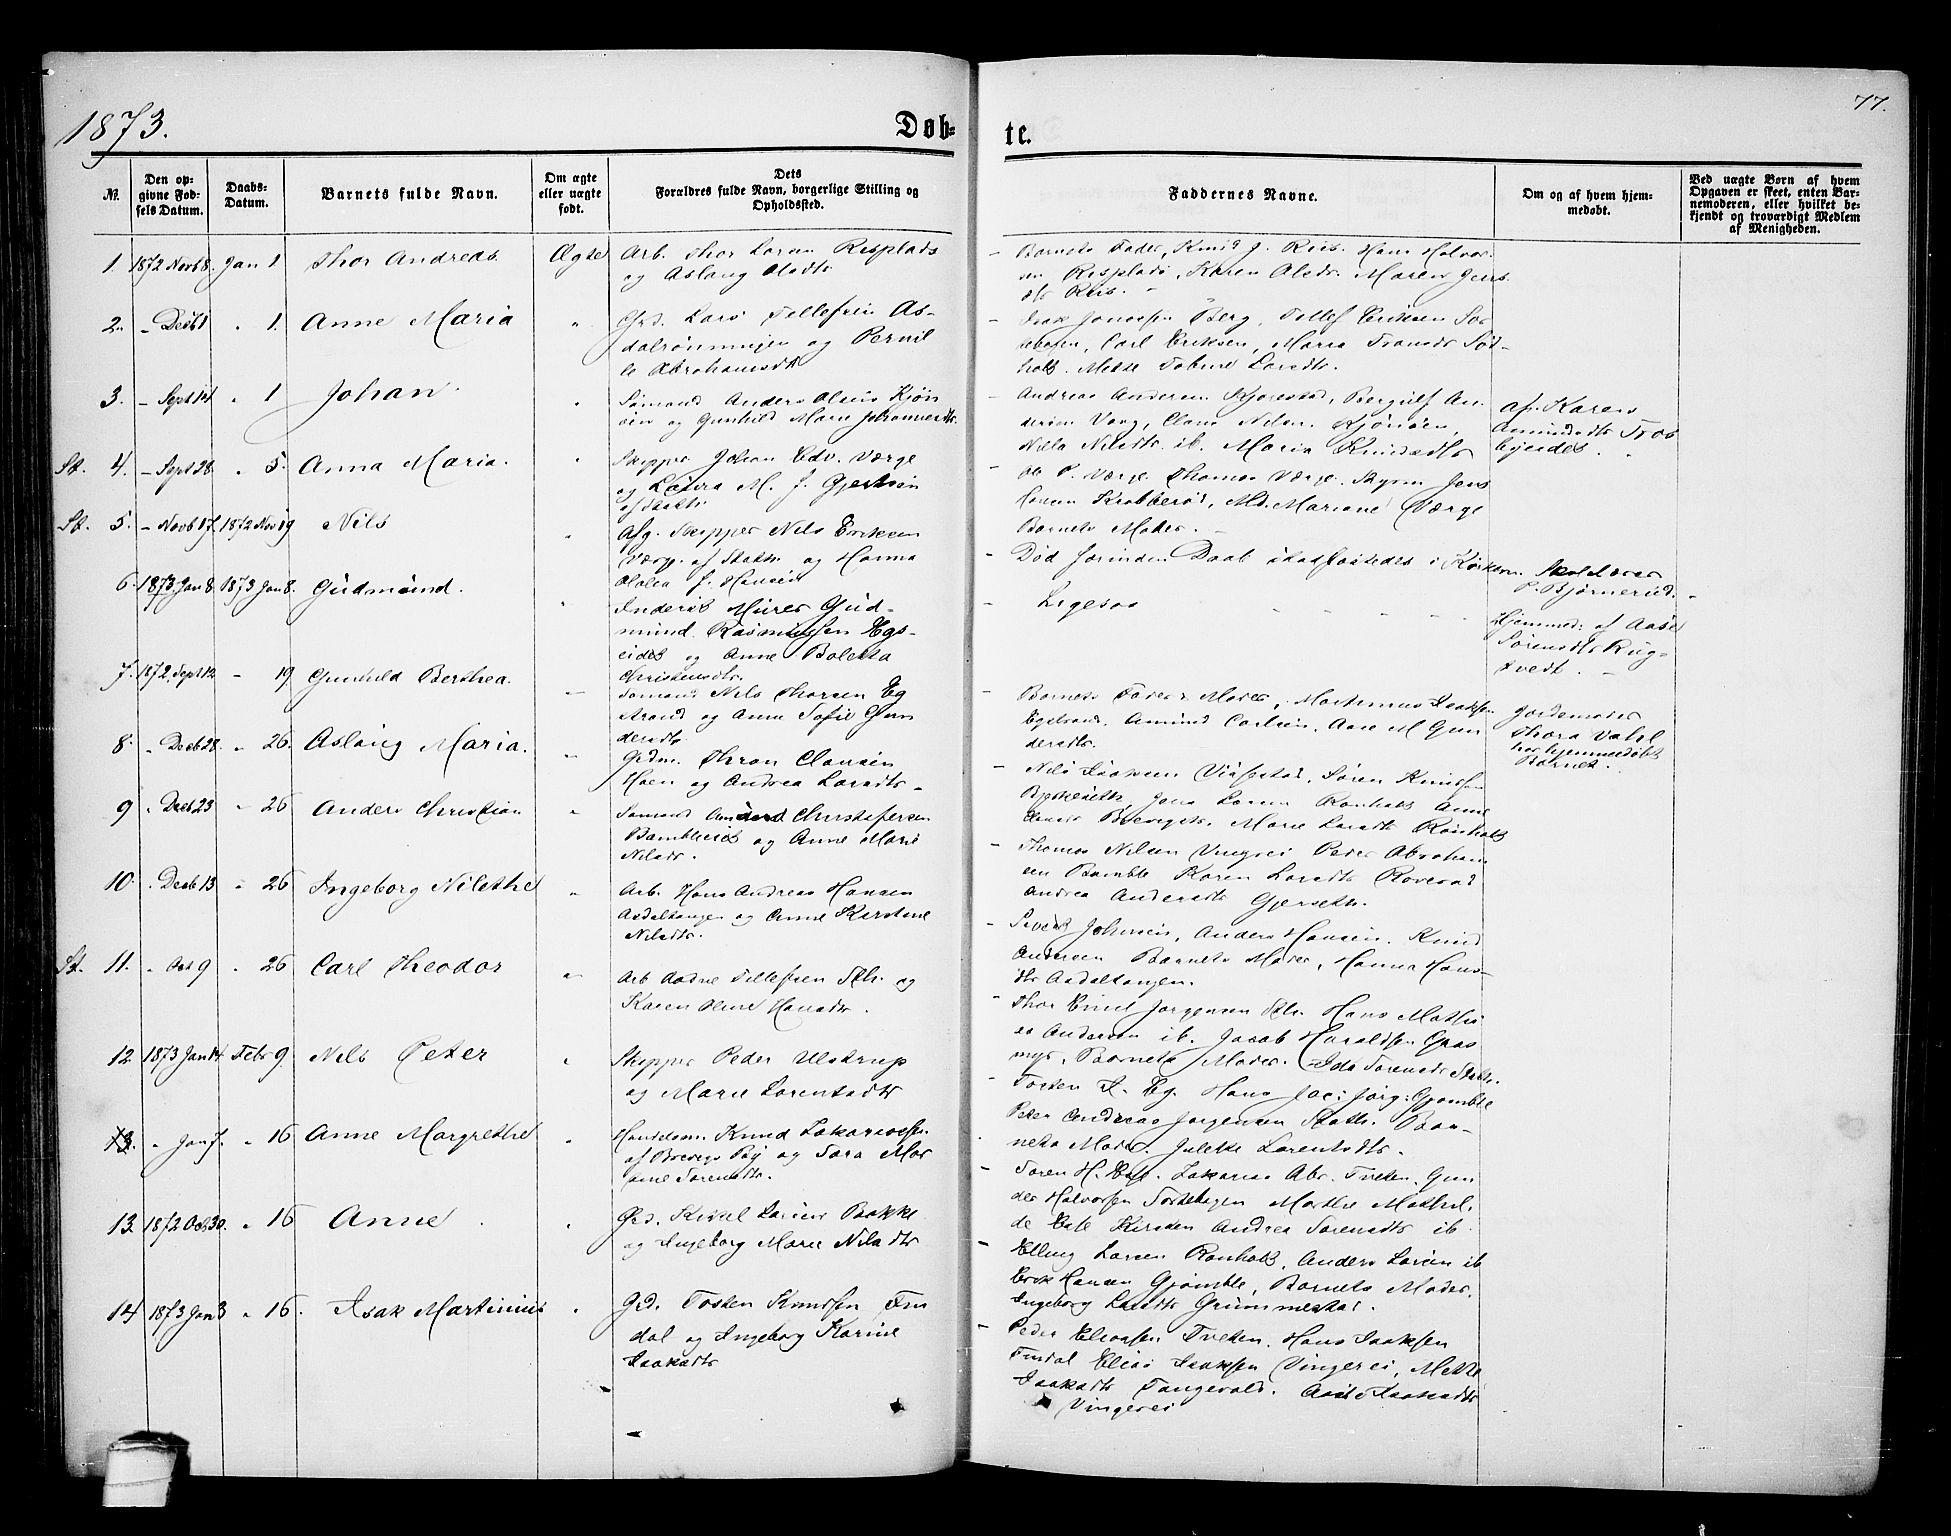 SAKO, Bamble kirkebøker, G/Ga/L0006: Klokkerbok nr. I 6, 1860-1876, s. 77